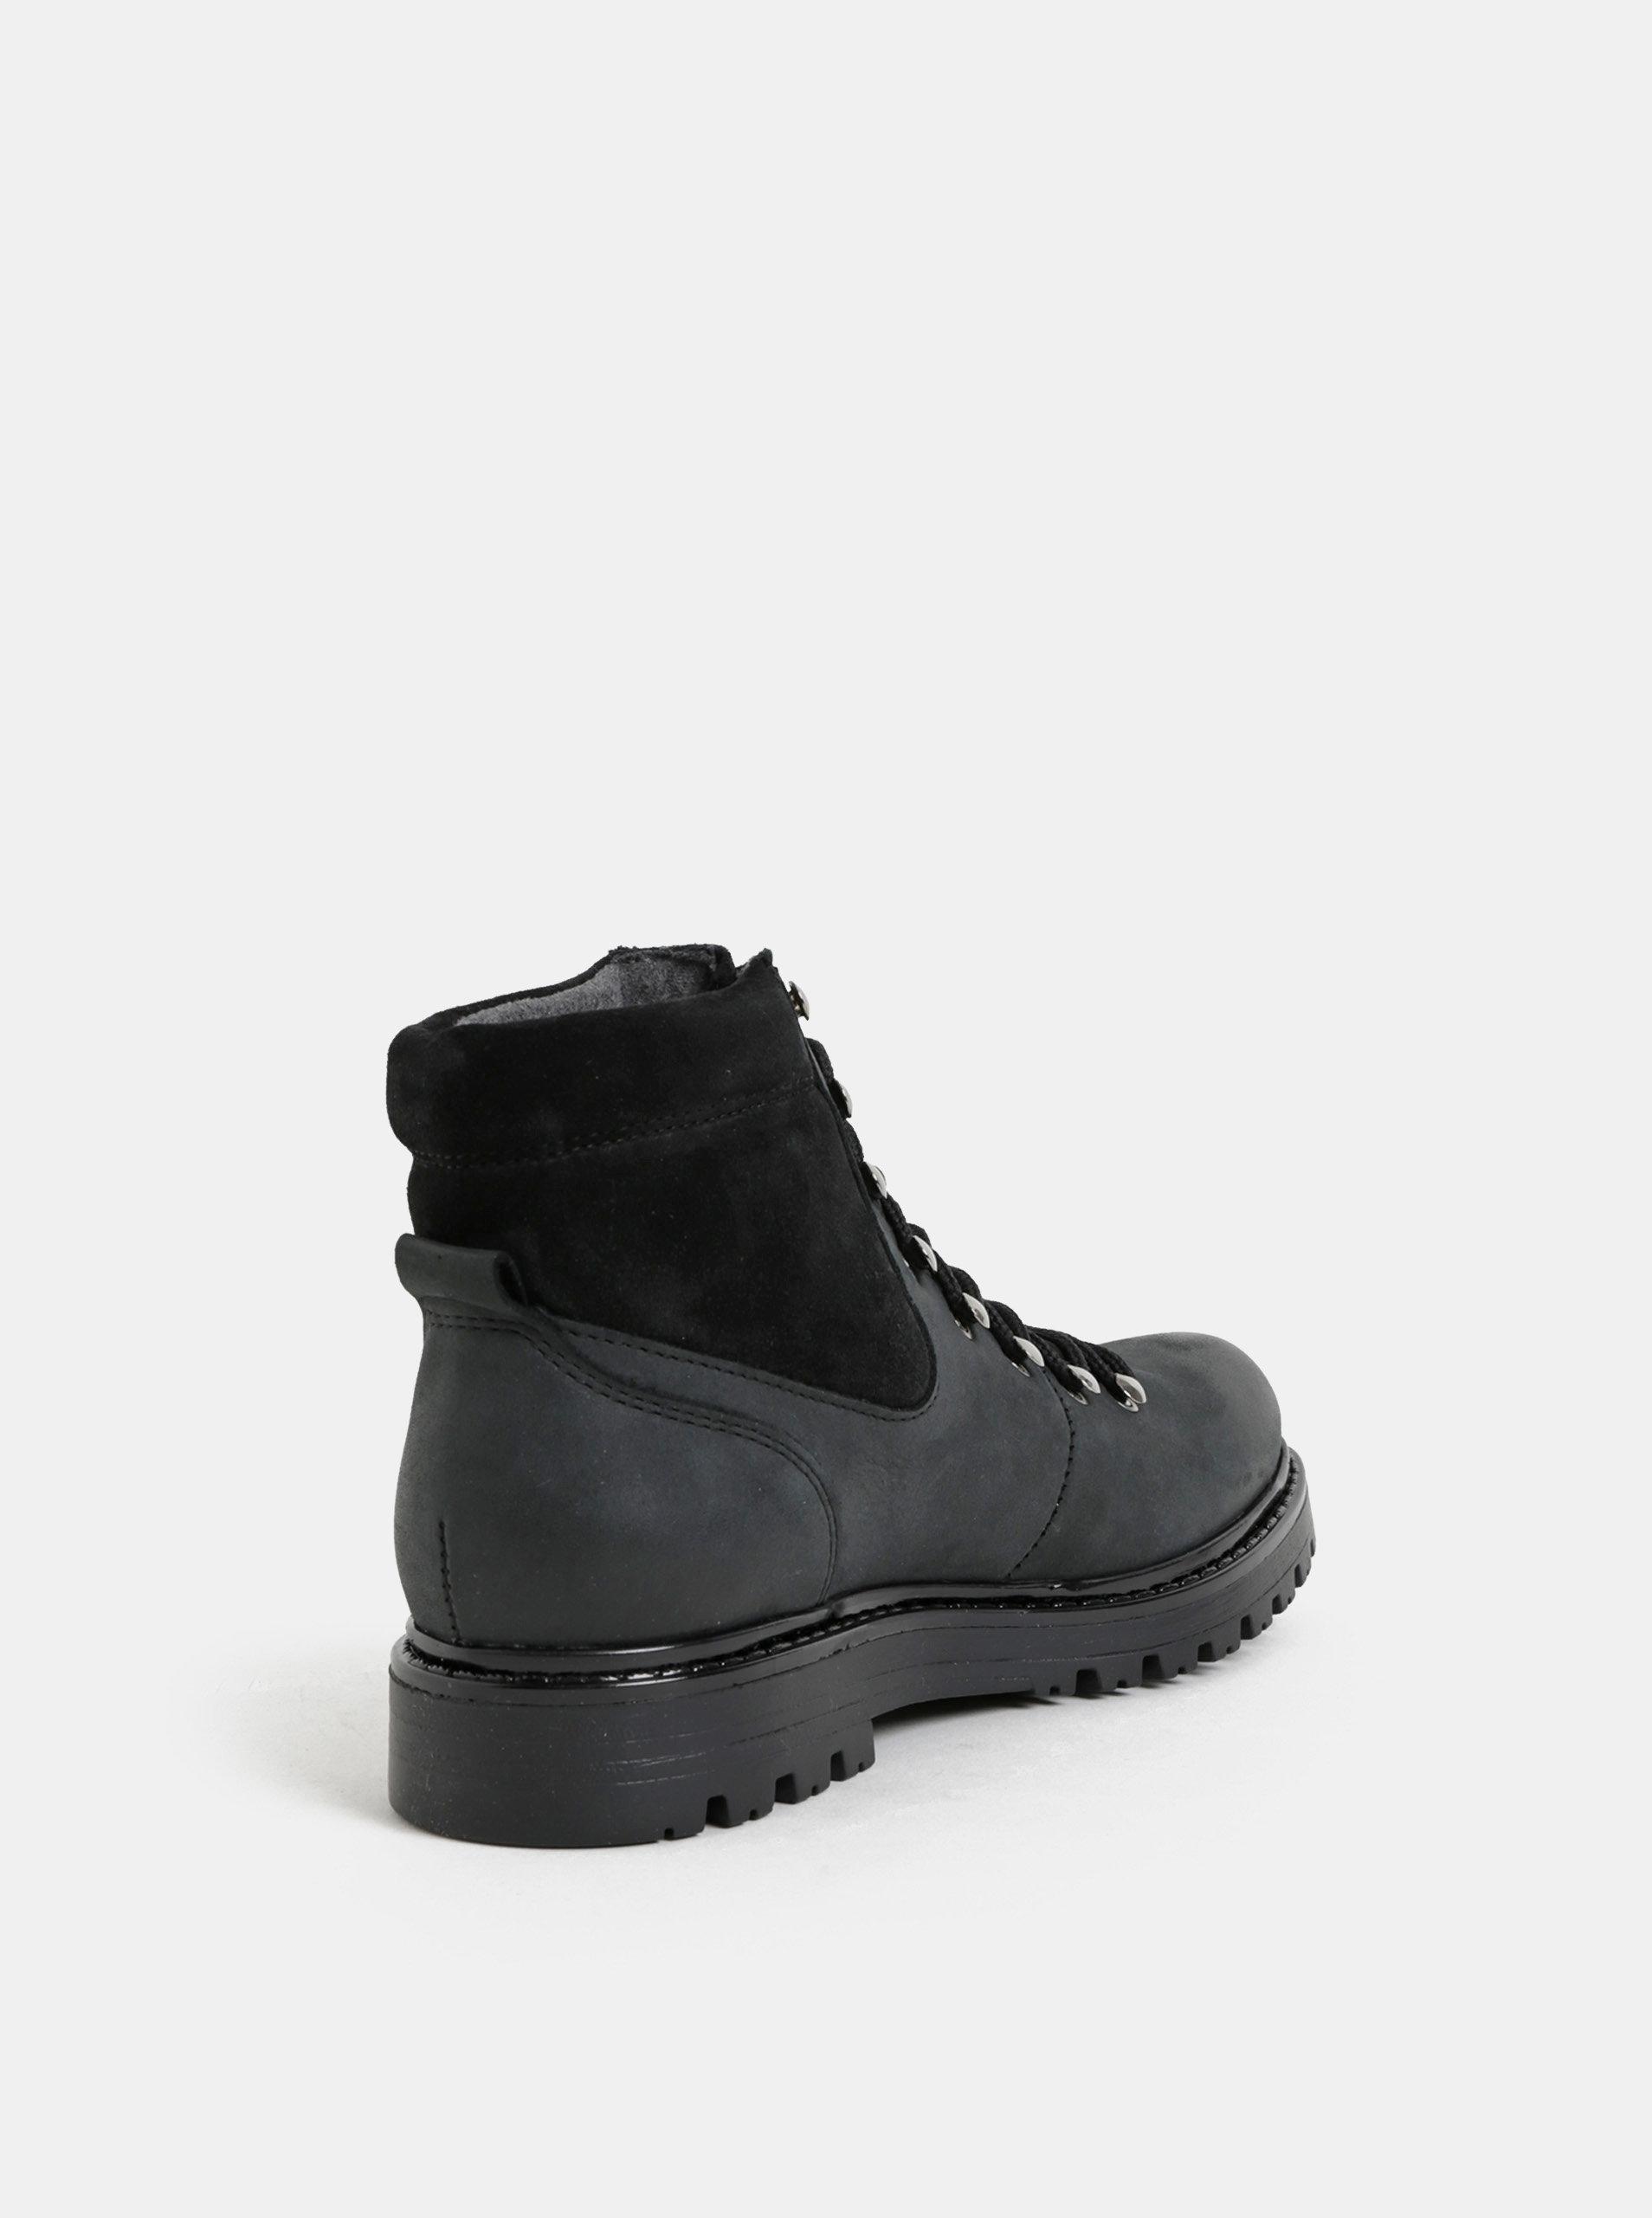 Černo-šedé dámské kožené kotníkové zimní boty se semišovými detaily  Weinbrenner ... a061639bca